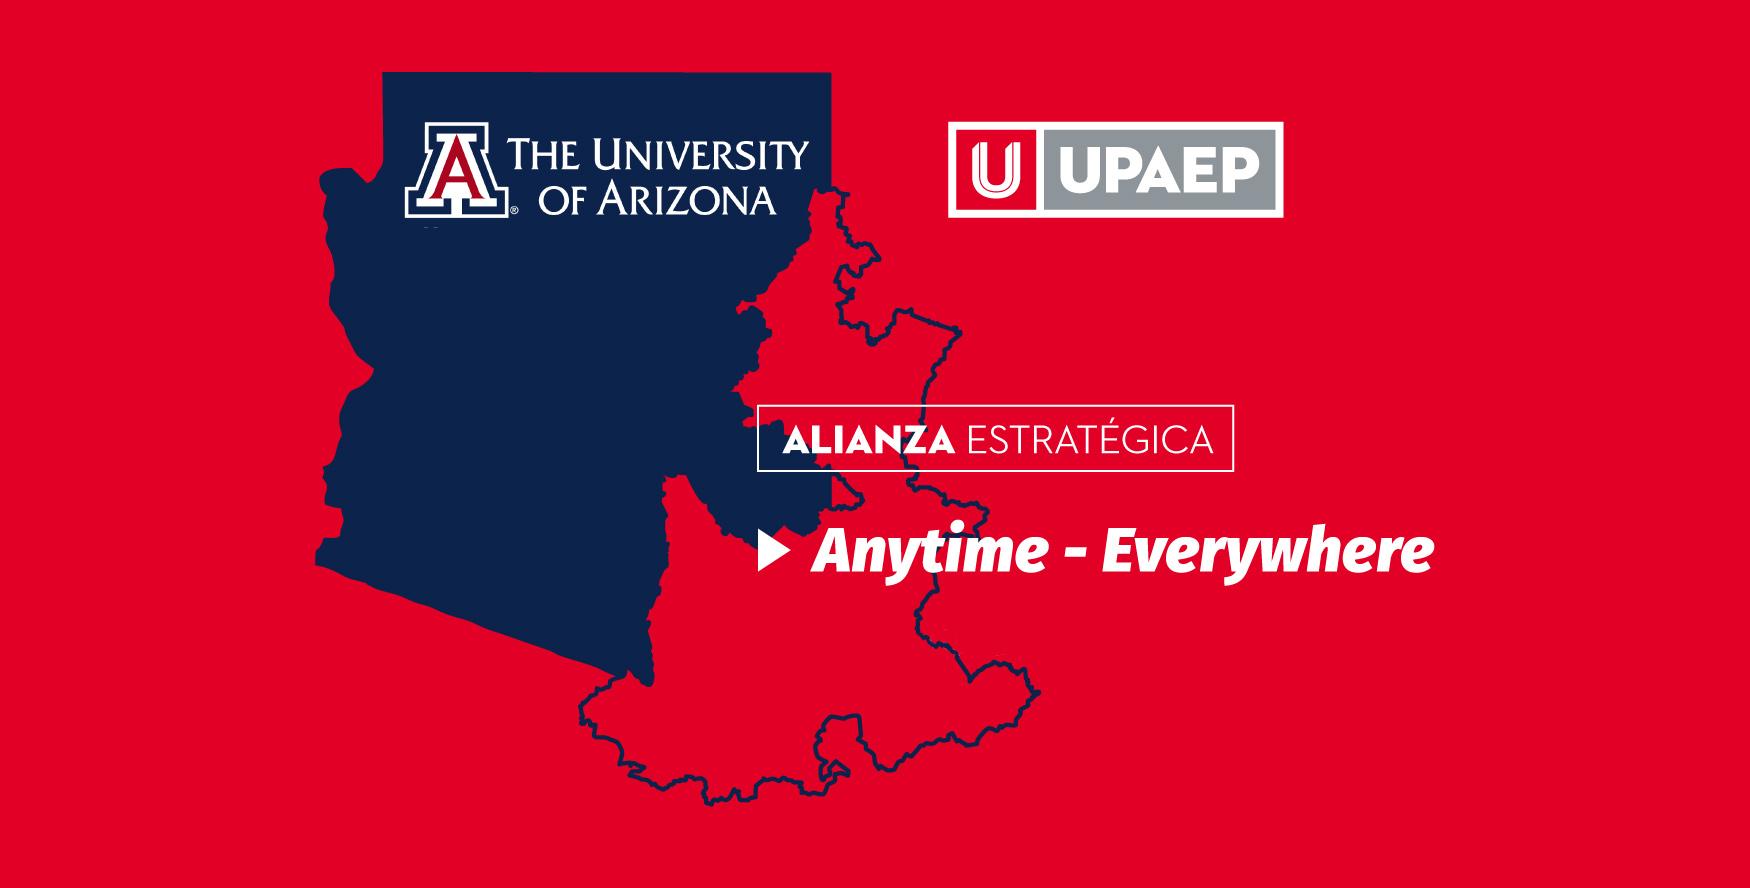 Alianza-Arizona-UPAEP